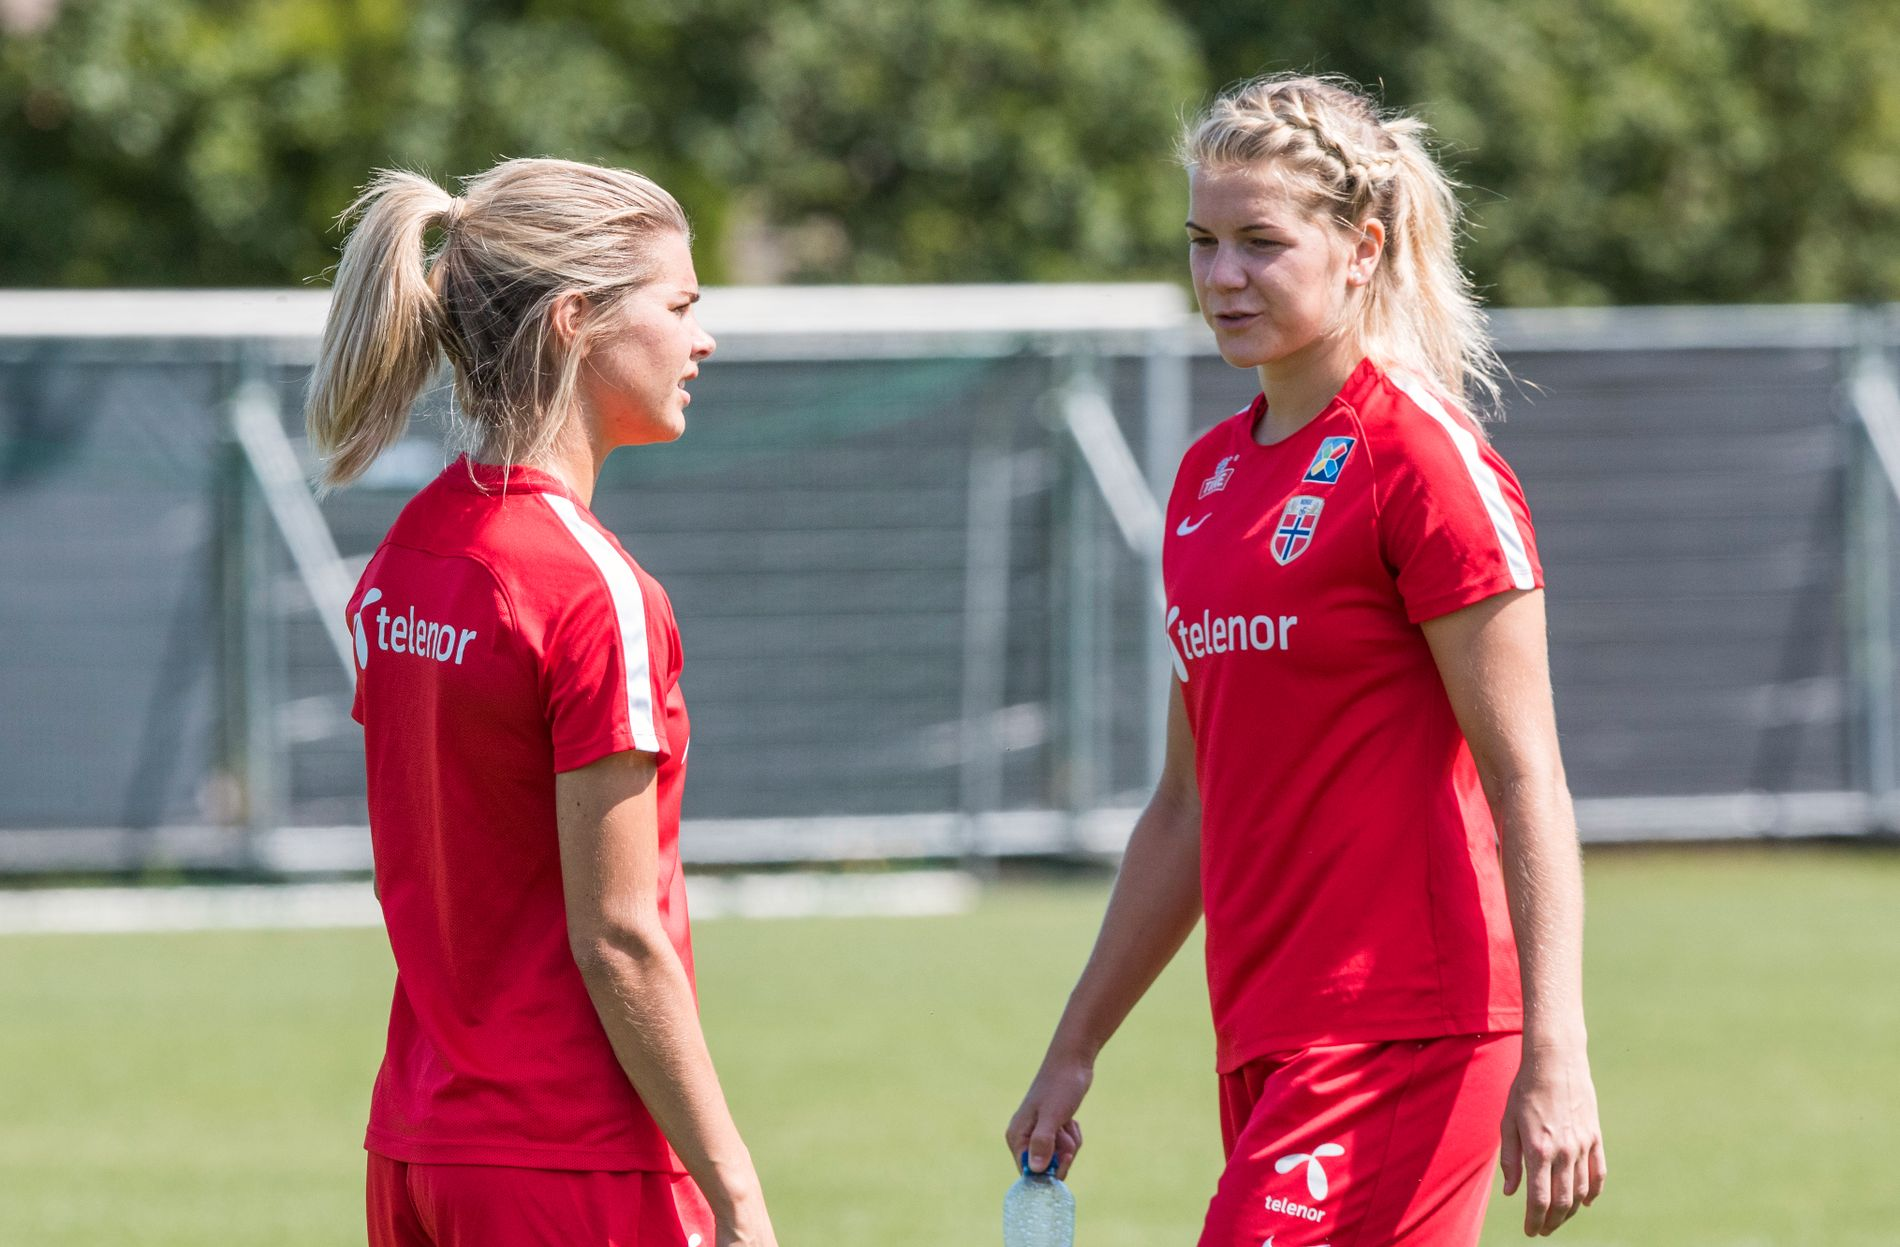 SØSTERDUELL: Andrine og Ada Hegerberg møttes til dyst i den franske ligaen fredag kveld. Her er de to fra en landslagstrening under fotball-EM i i fjor sommer.